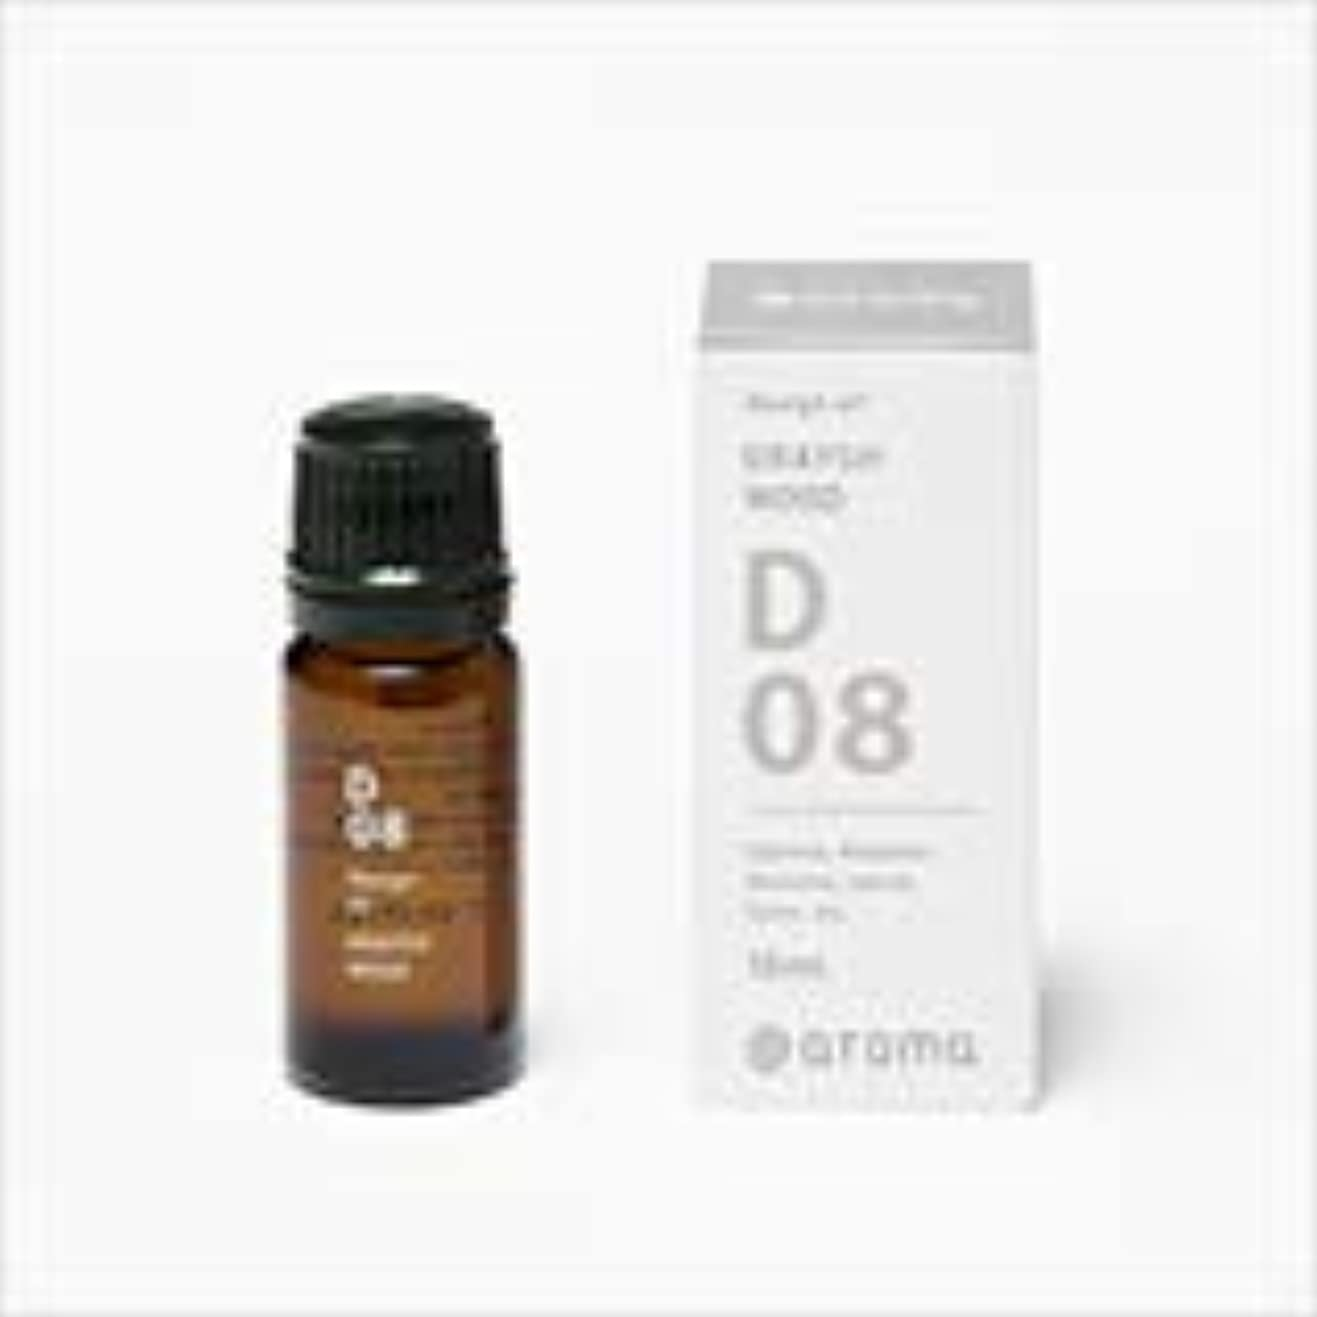 アットアロマ 100%pure essential oil <Design air ブリリアントレッド>